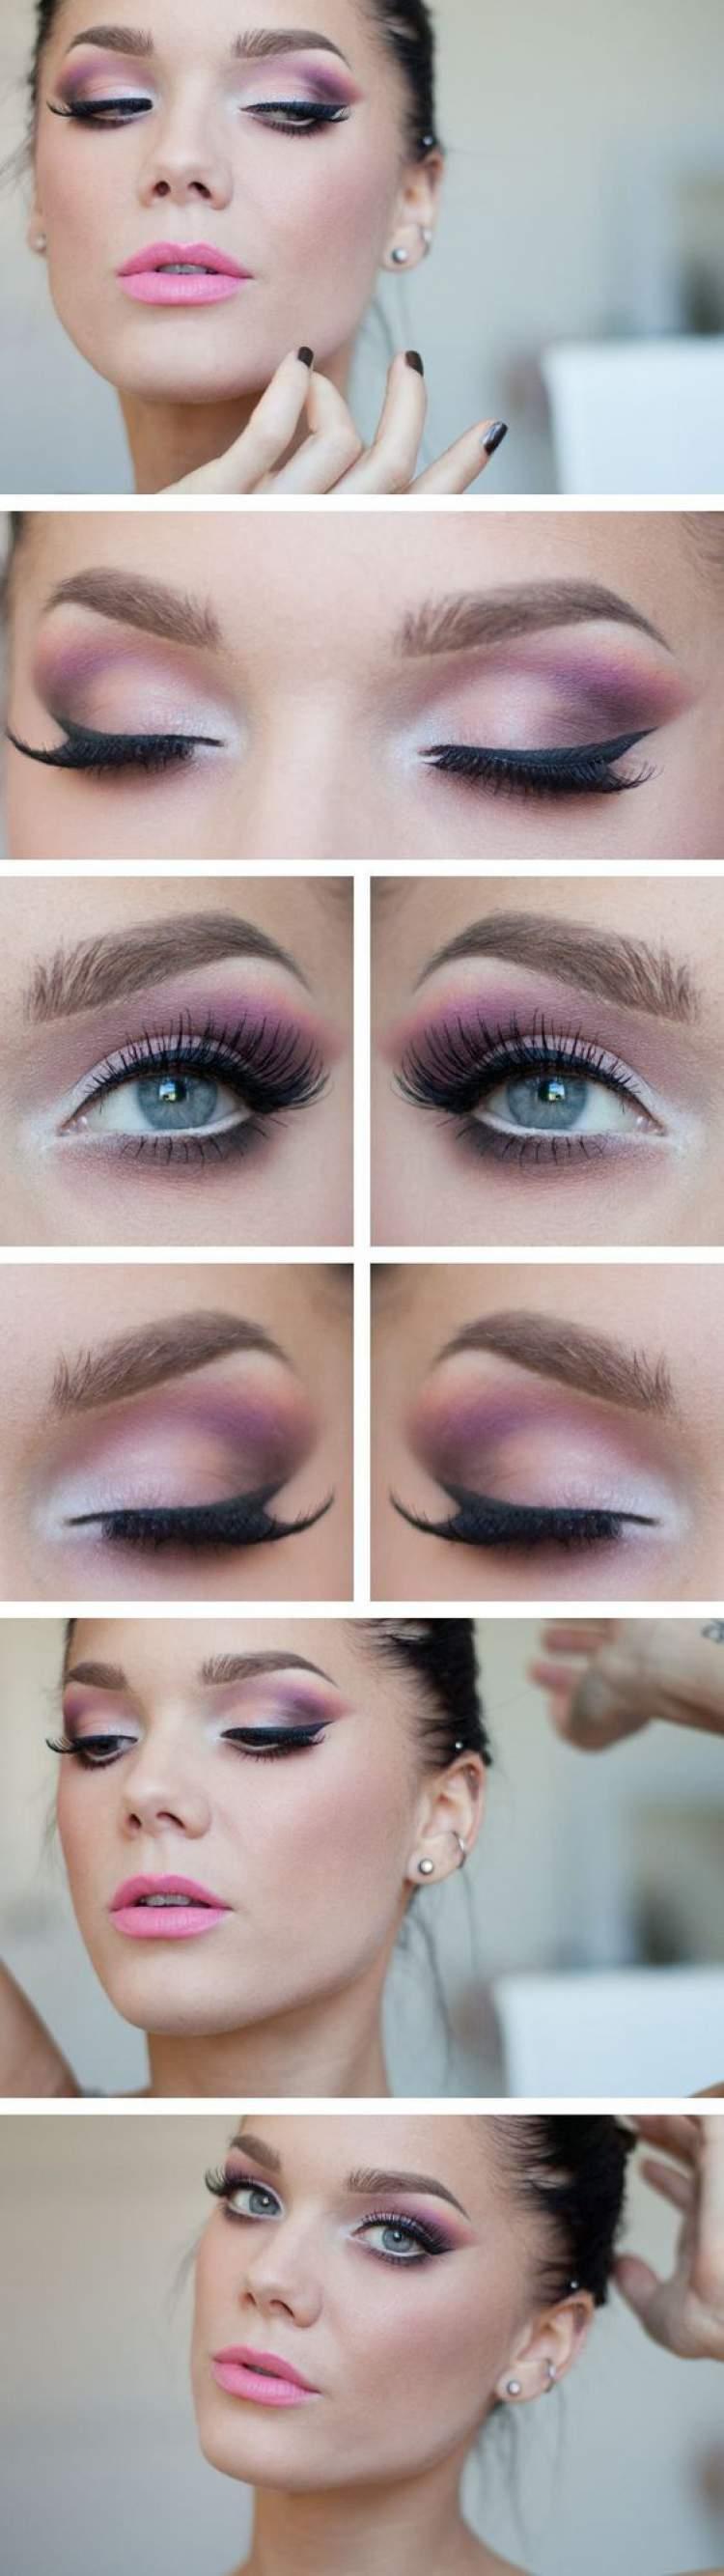 Fotos de maquiagem para quem tem olhos pequenos